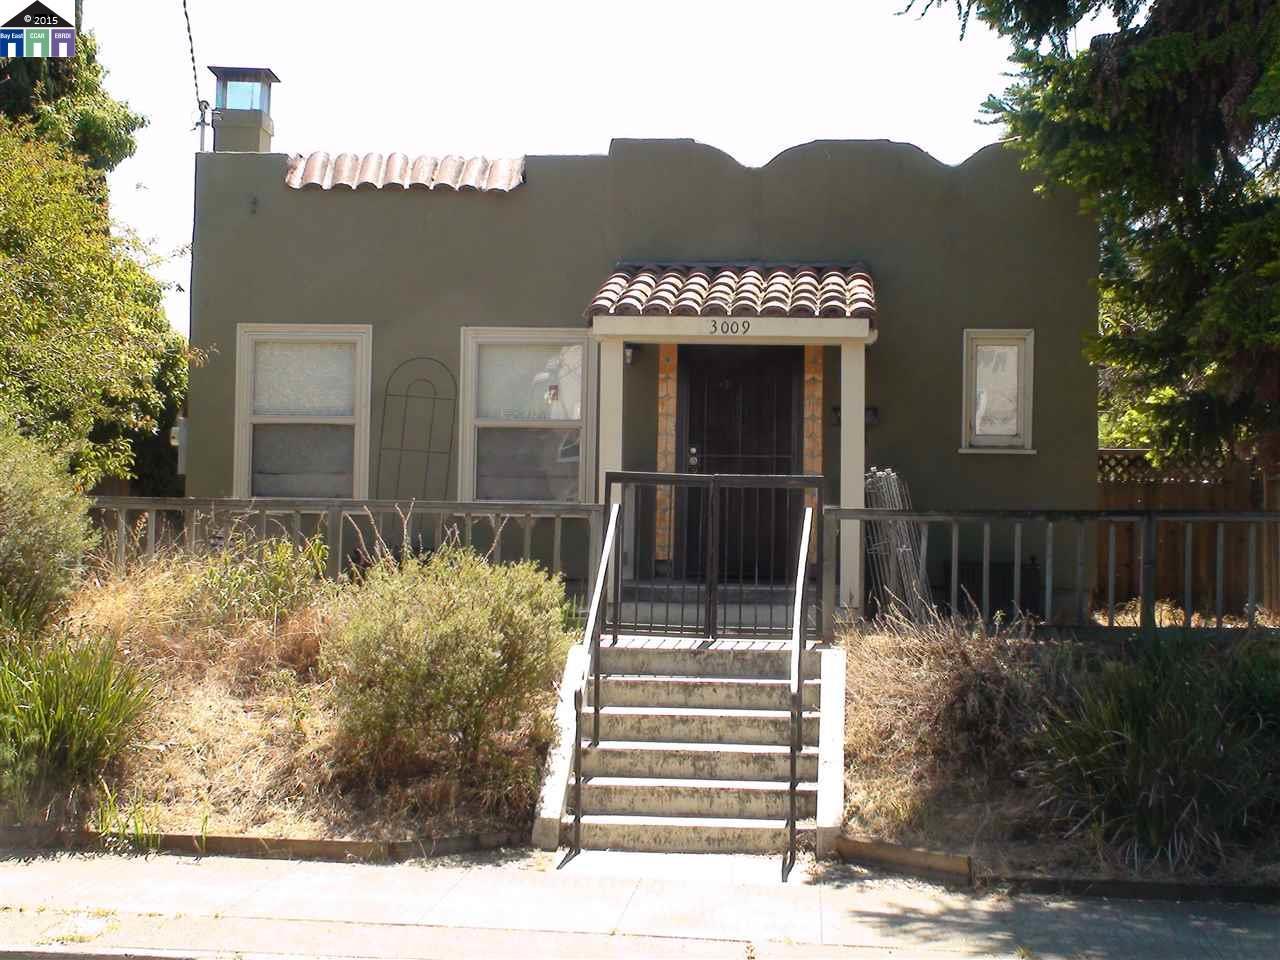 3009 Texas St, Oakland, CA